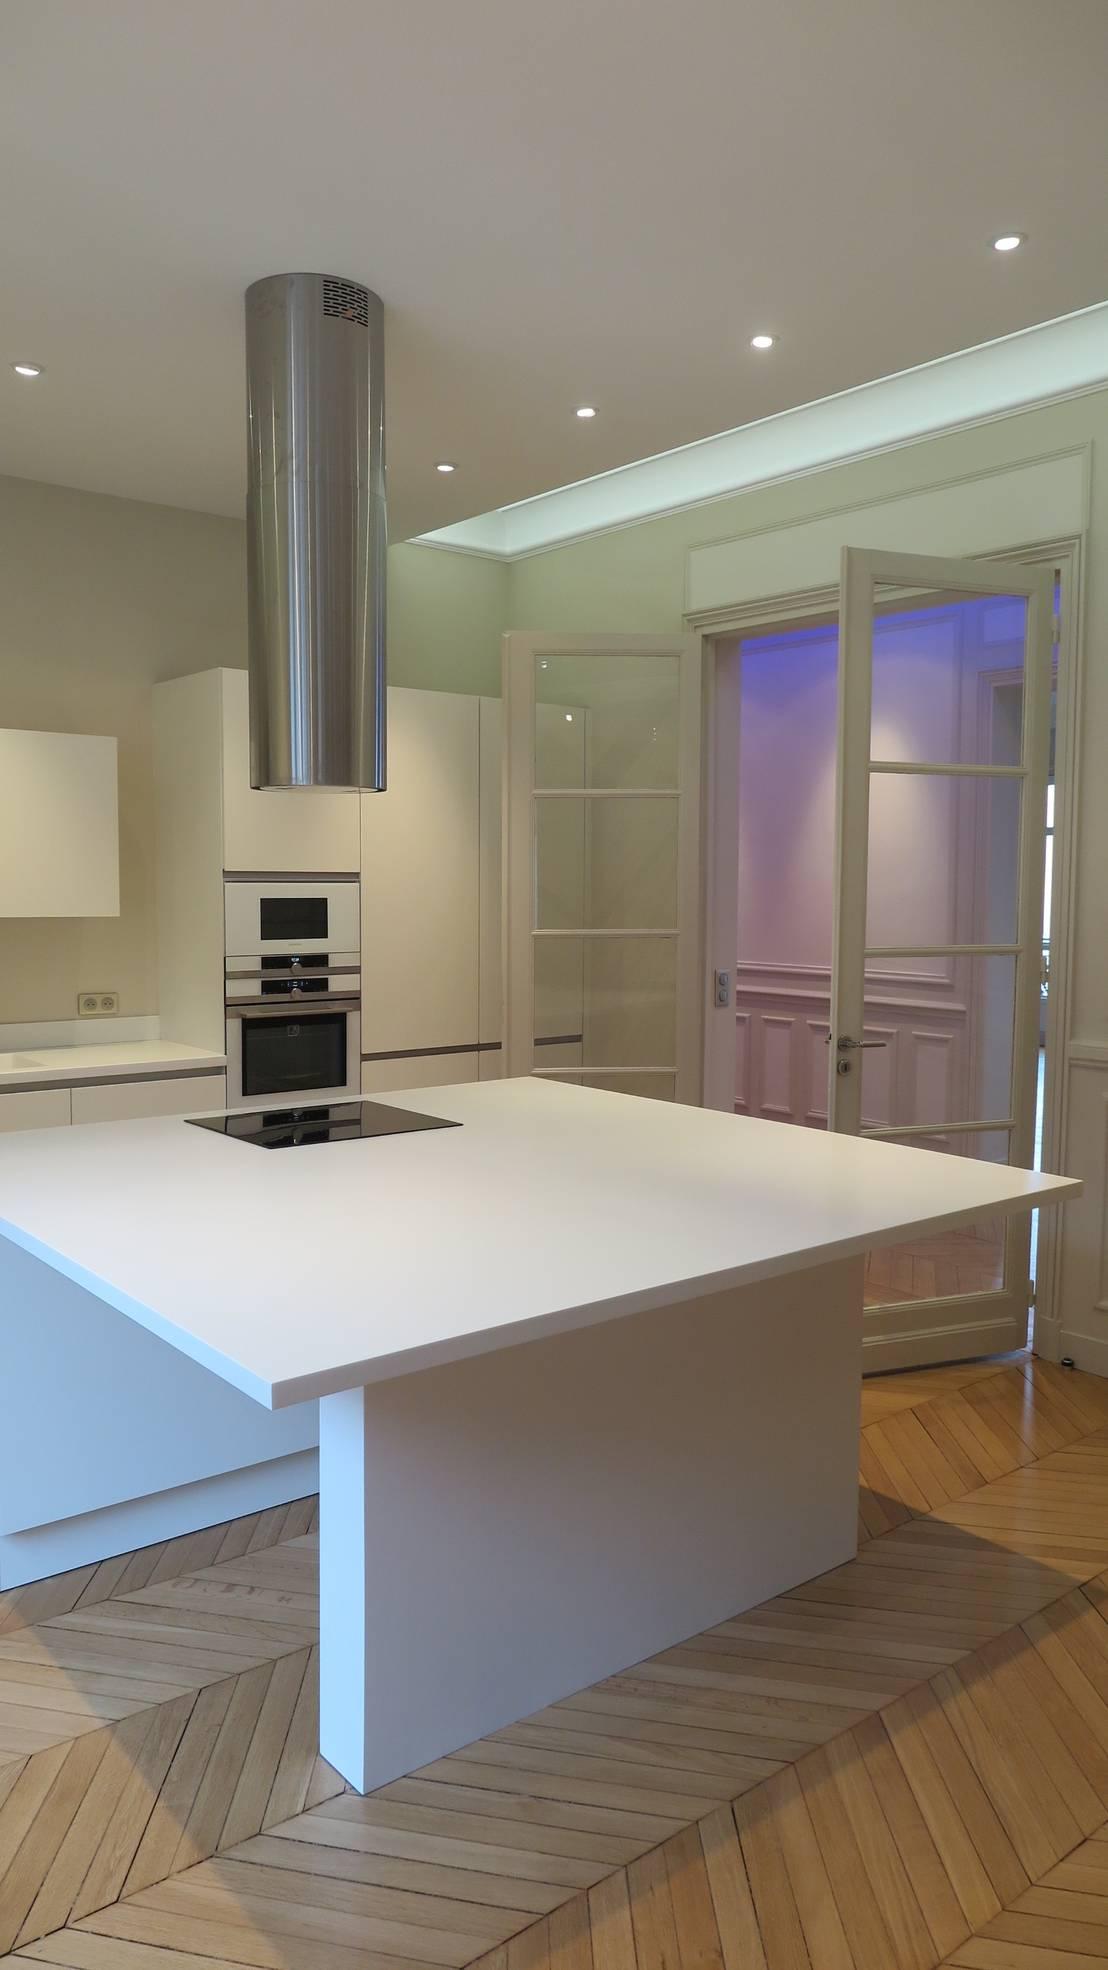 Appartement Haussmannien Paris 16 Em Par Philippe Ponceblanc Architecte D 39 Int Rieur Homify